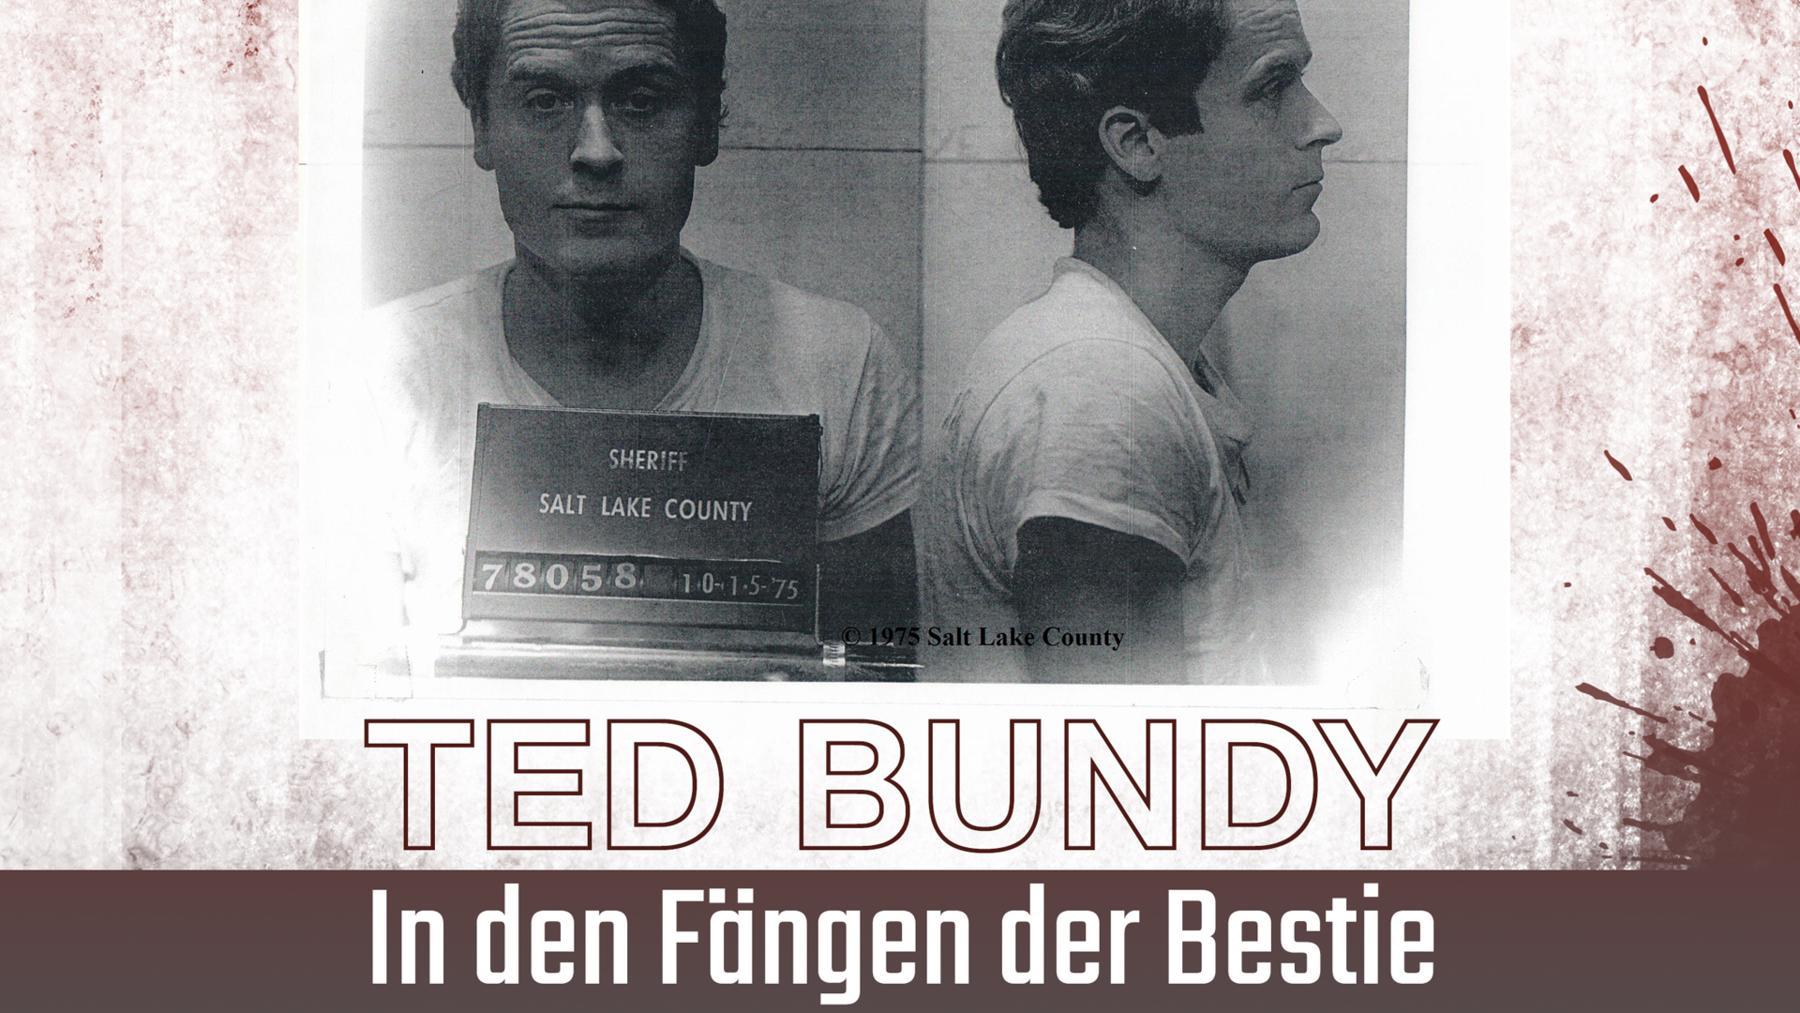 Ted Bundy: In den Fängen der Bestie